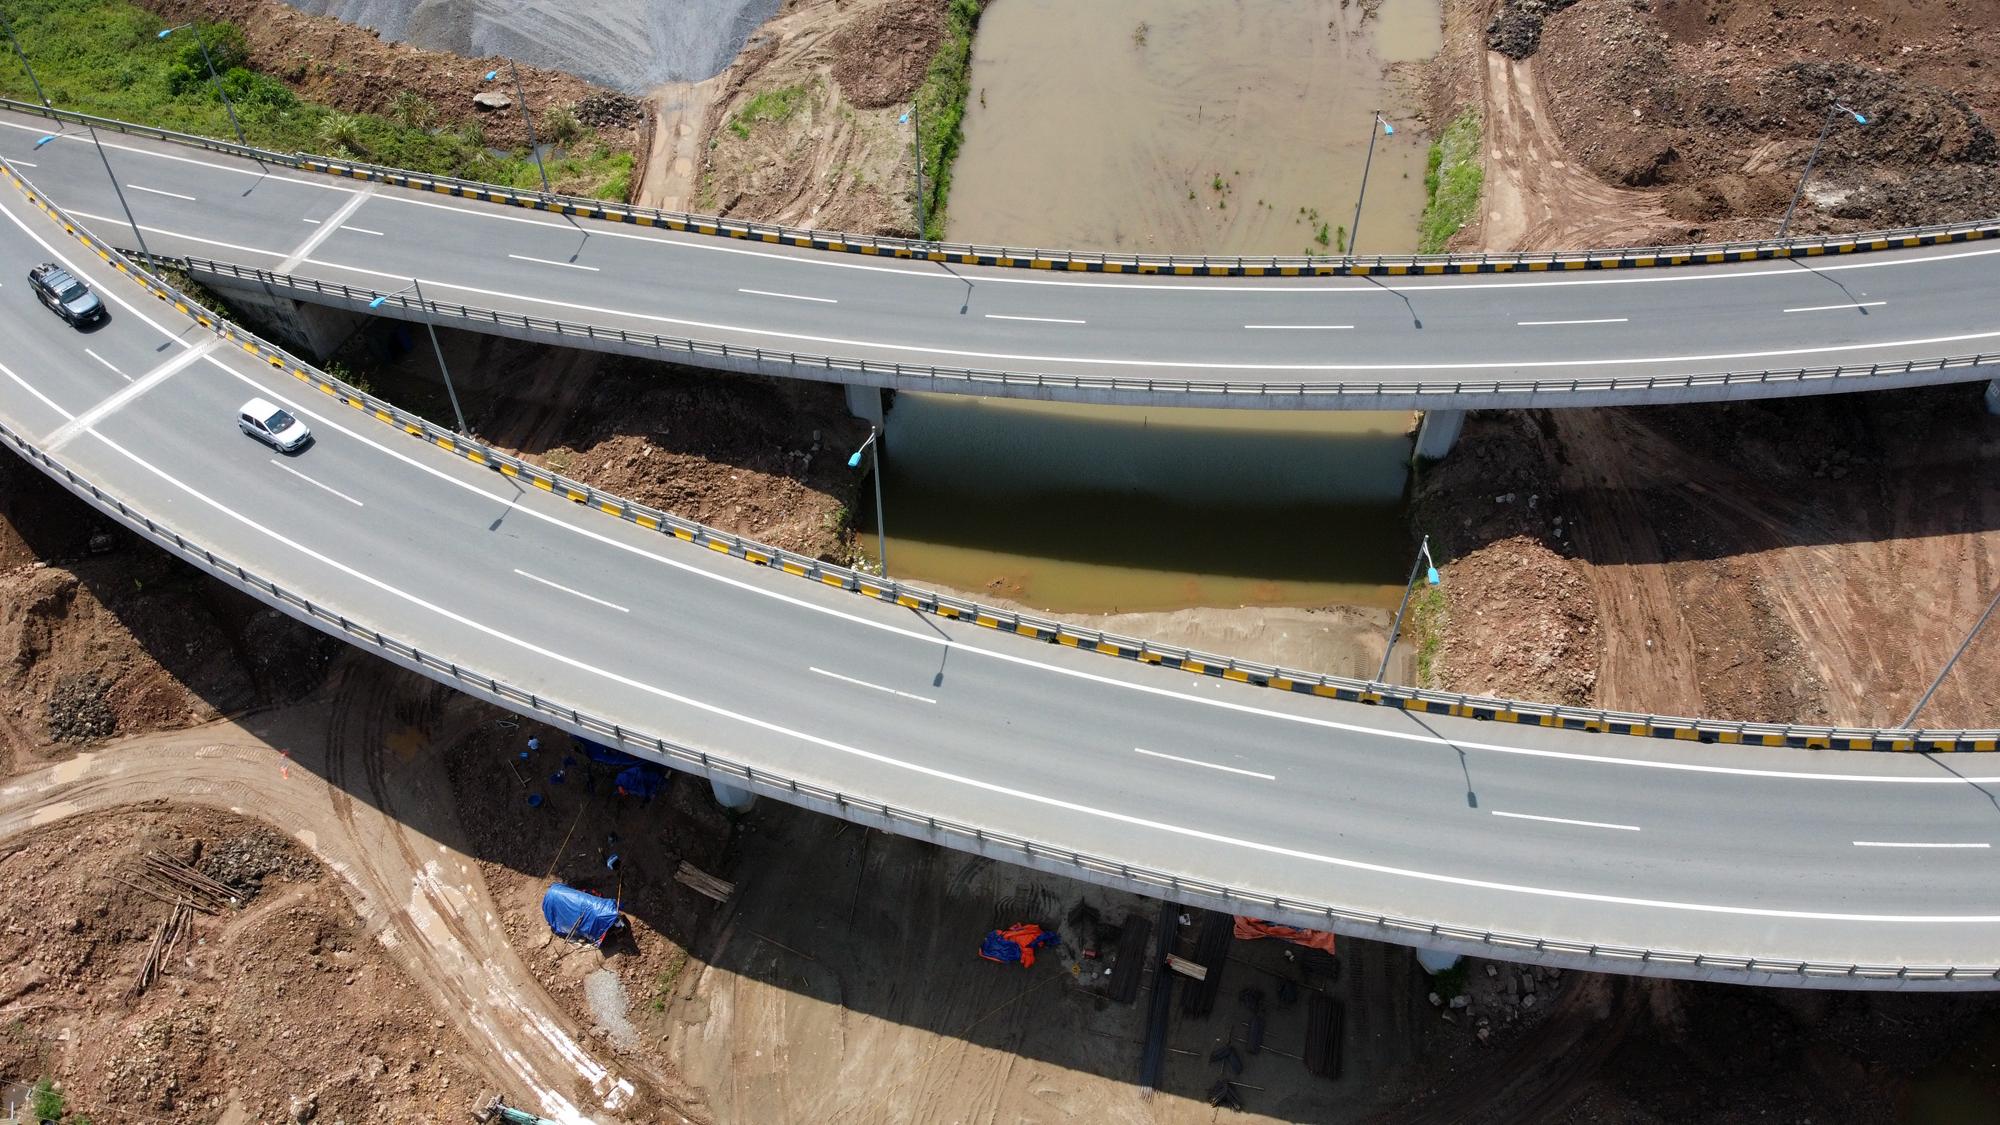 Toàn cảnh dự án xây dựng nút giao Vành đai 3 với cao tốc Hà Nội - Hải Phòng - Ảnh 11.